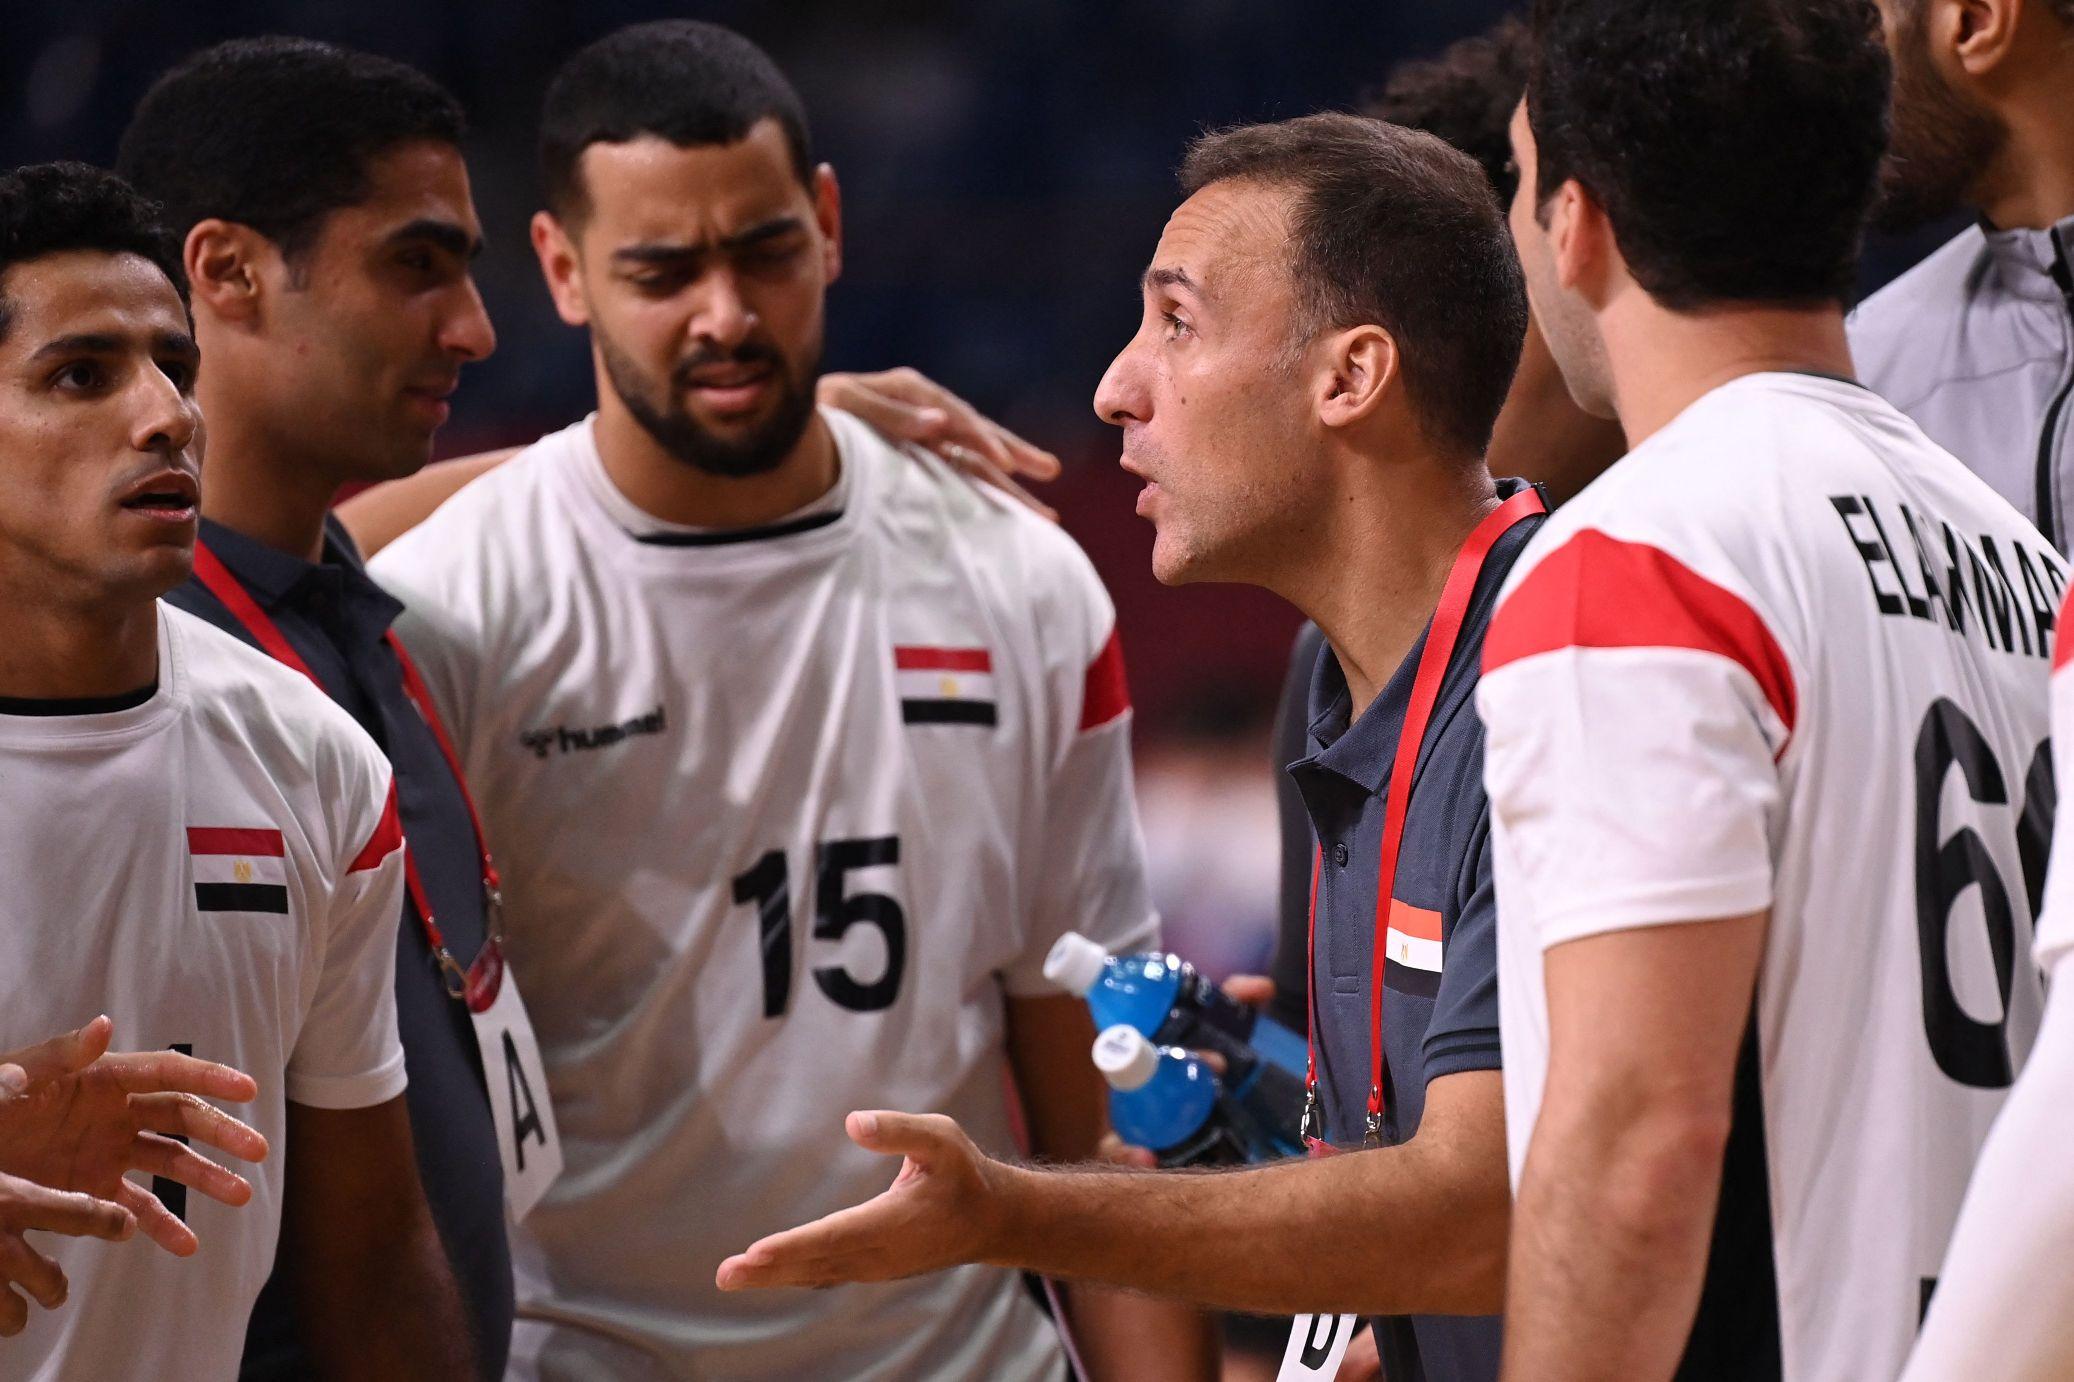 مصر والبرتغال في منافسات كرة اليد بأولمبياد طوكيو